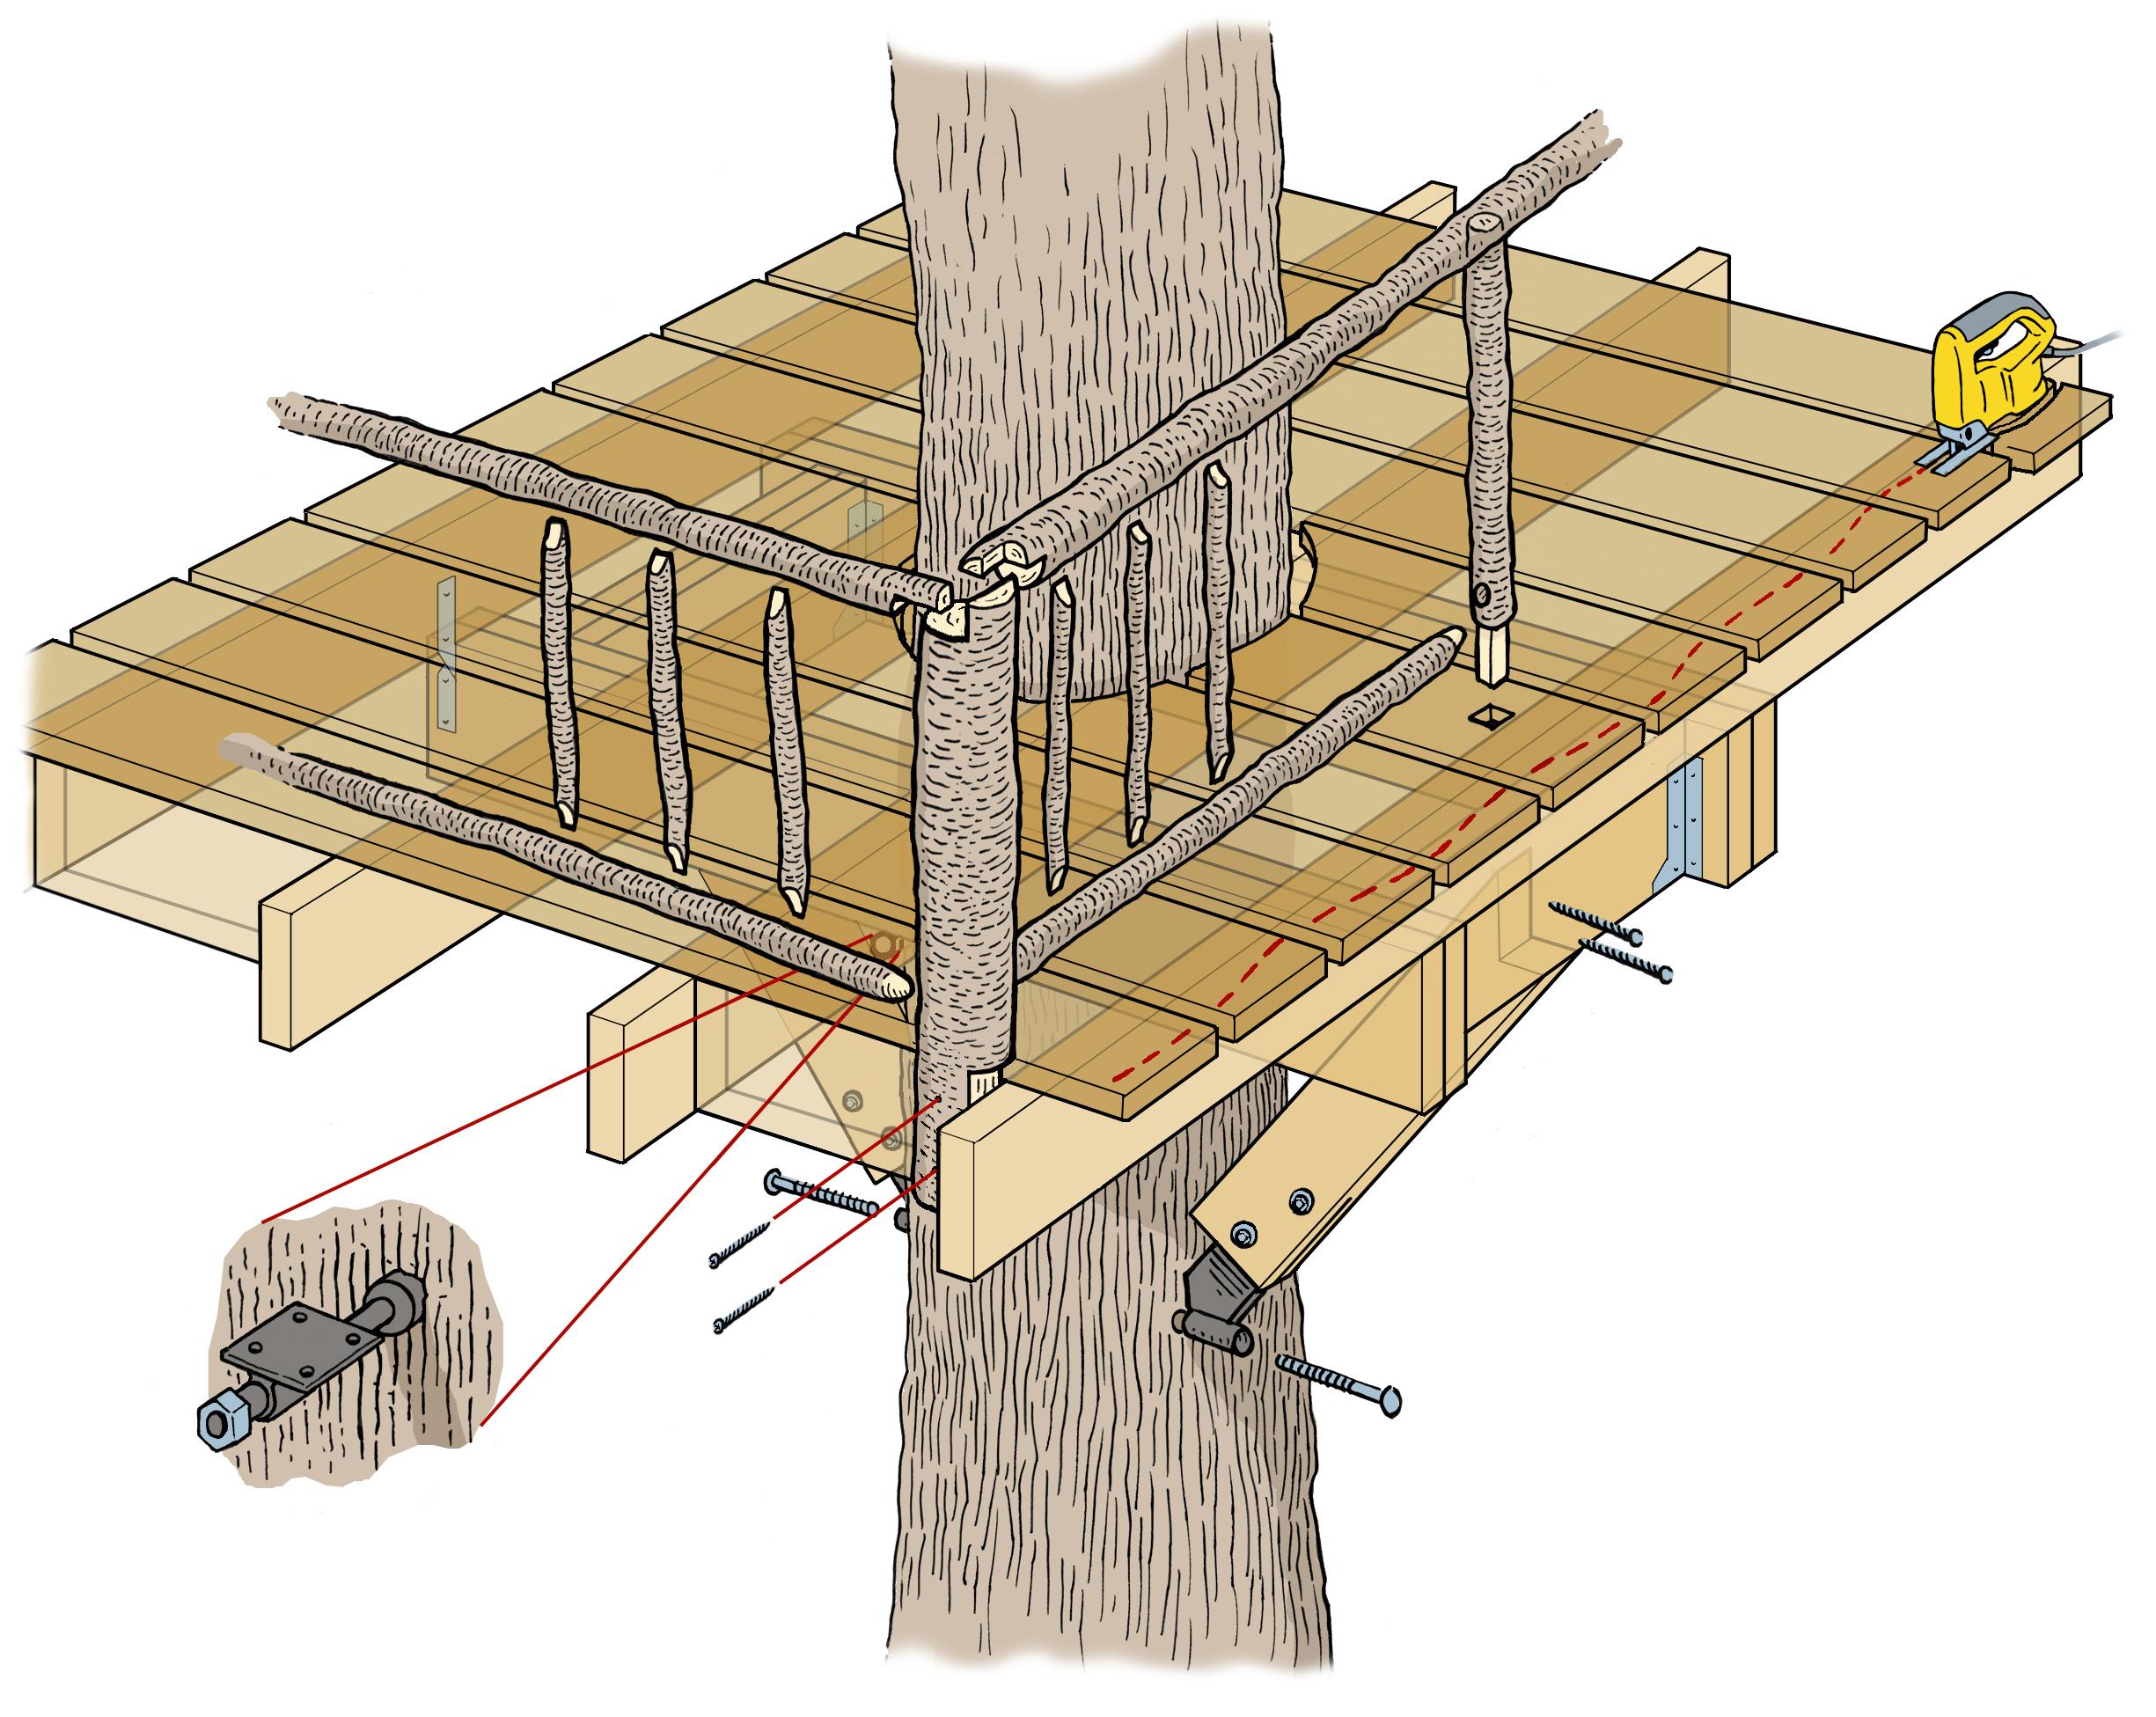 treehouse final revise 1.jpg